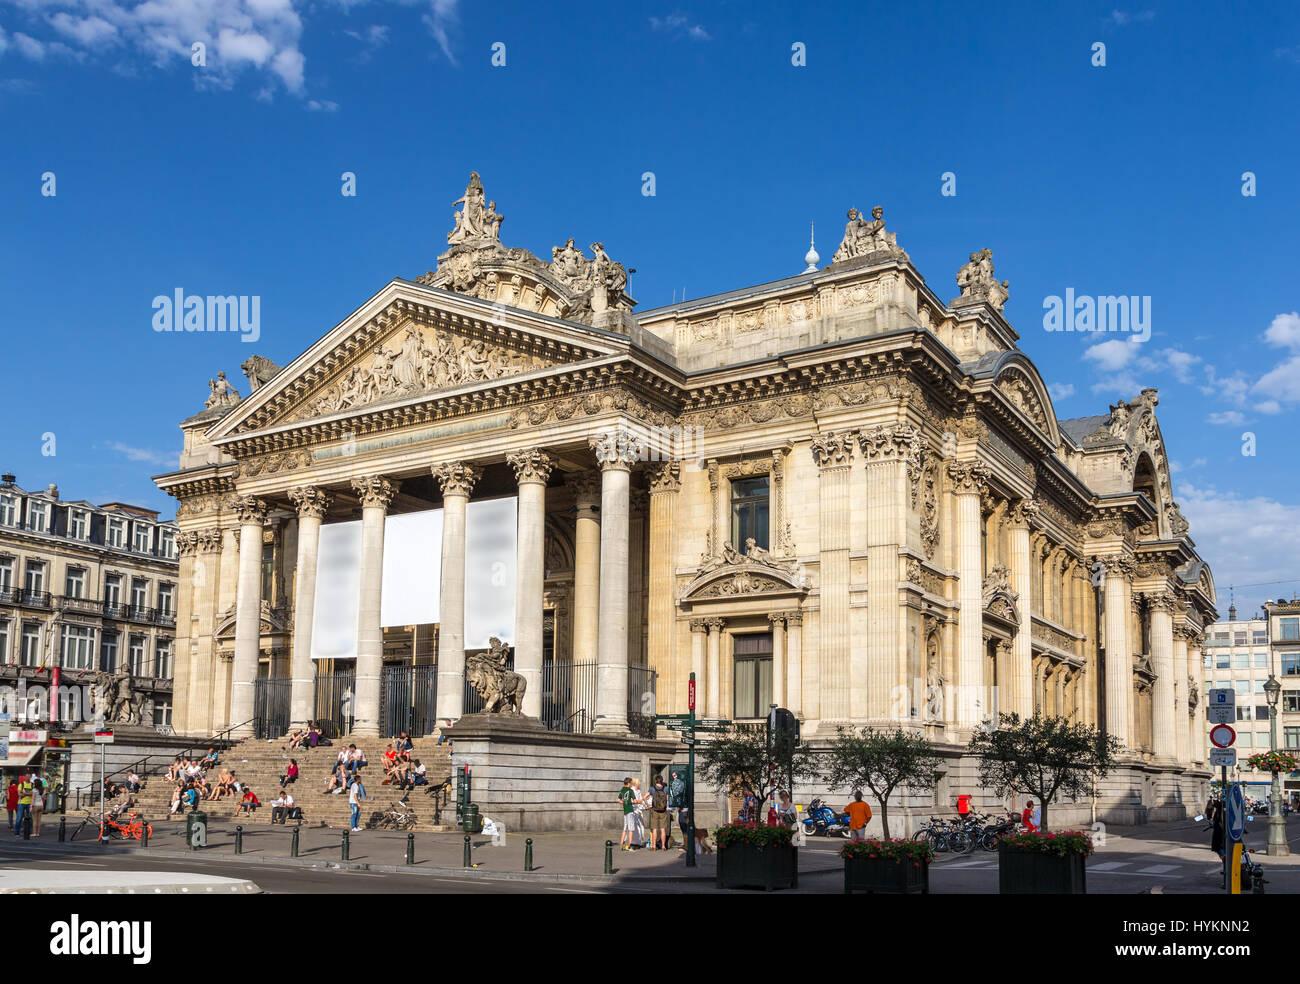 Brussels Stock Exchange - Belgium - Stock Image